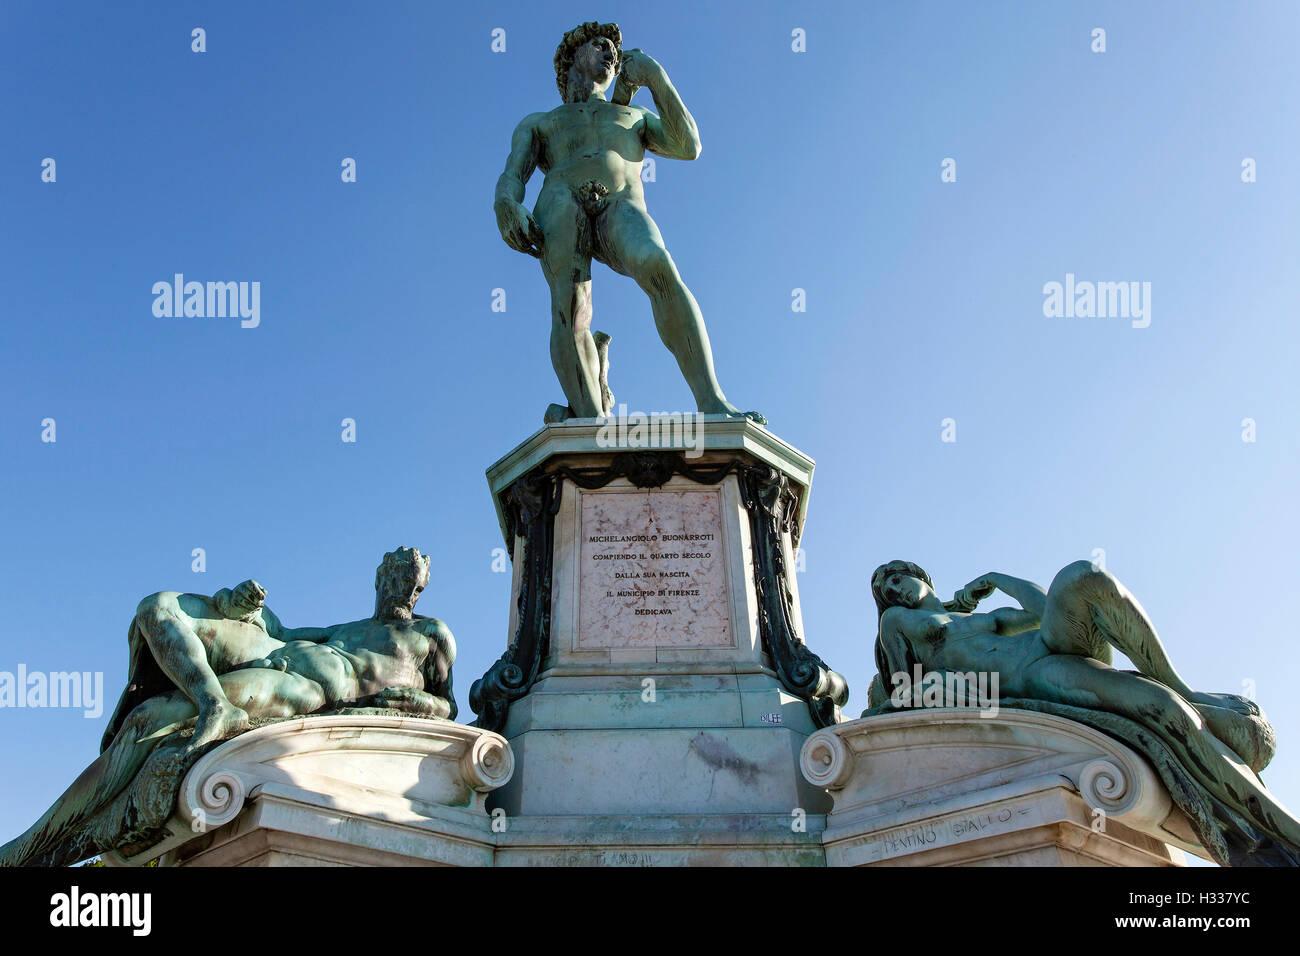 Copia de la estatua de David, el Piazzale Michelangelo, Florencia, Toscana, Italia Imagen De Stock